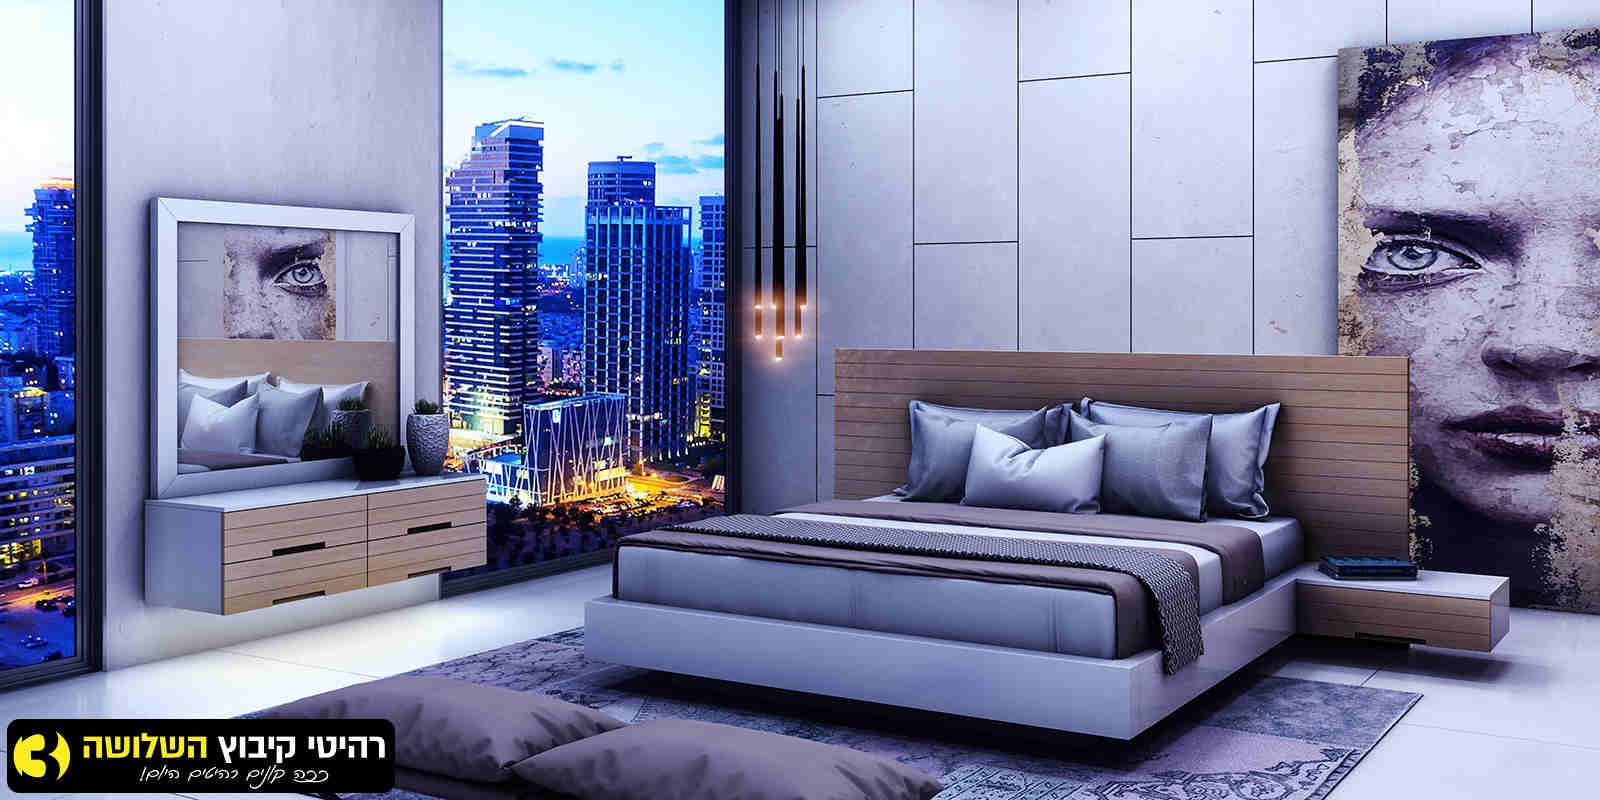 חדר שינה מעוצב סוהו